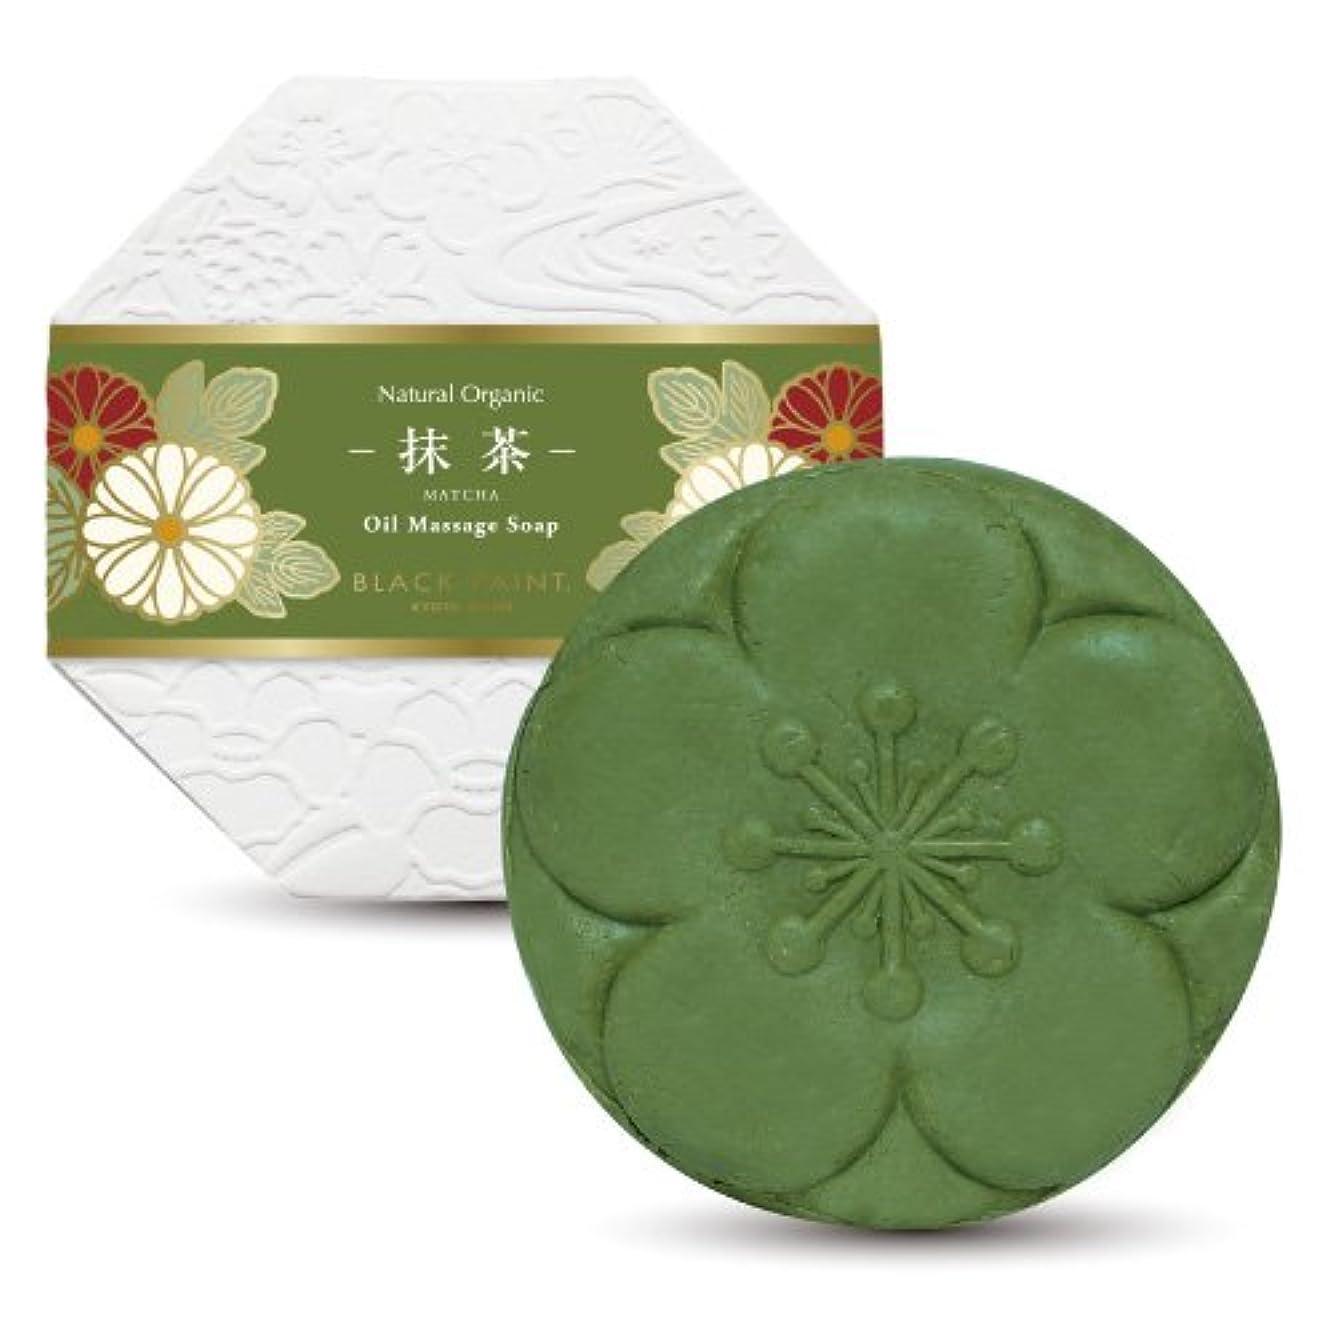 できれば守る無駄京のお茶石鹸 抹茶 120g 塗る石鹸